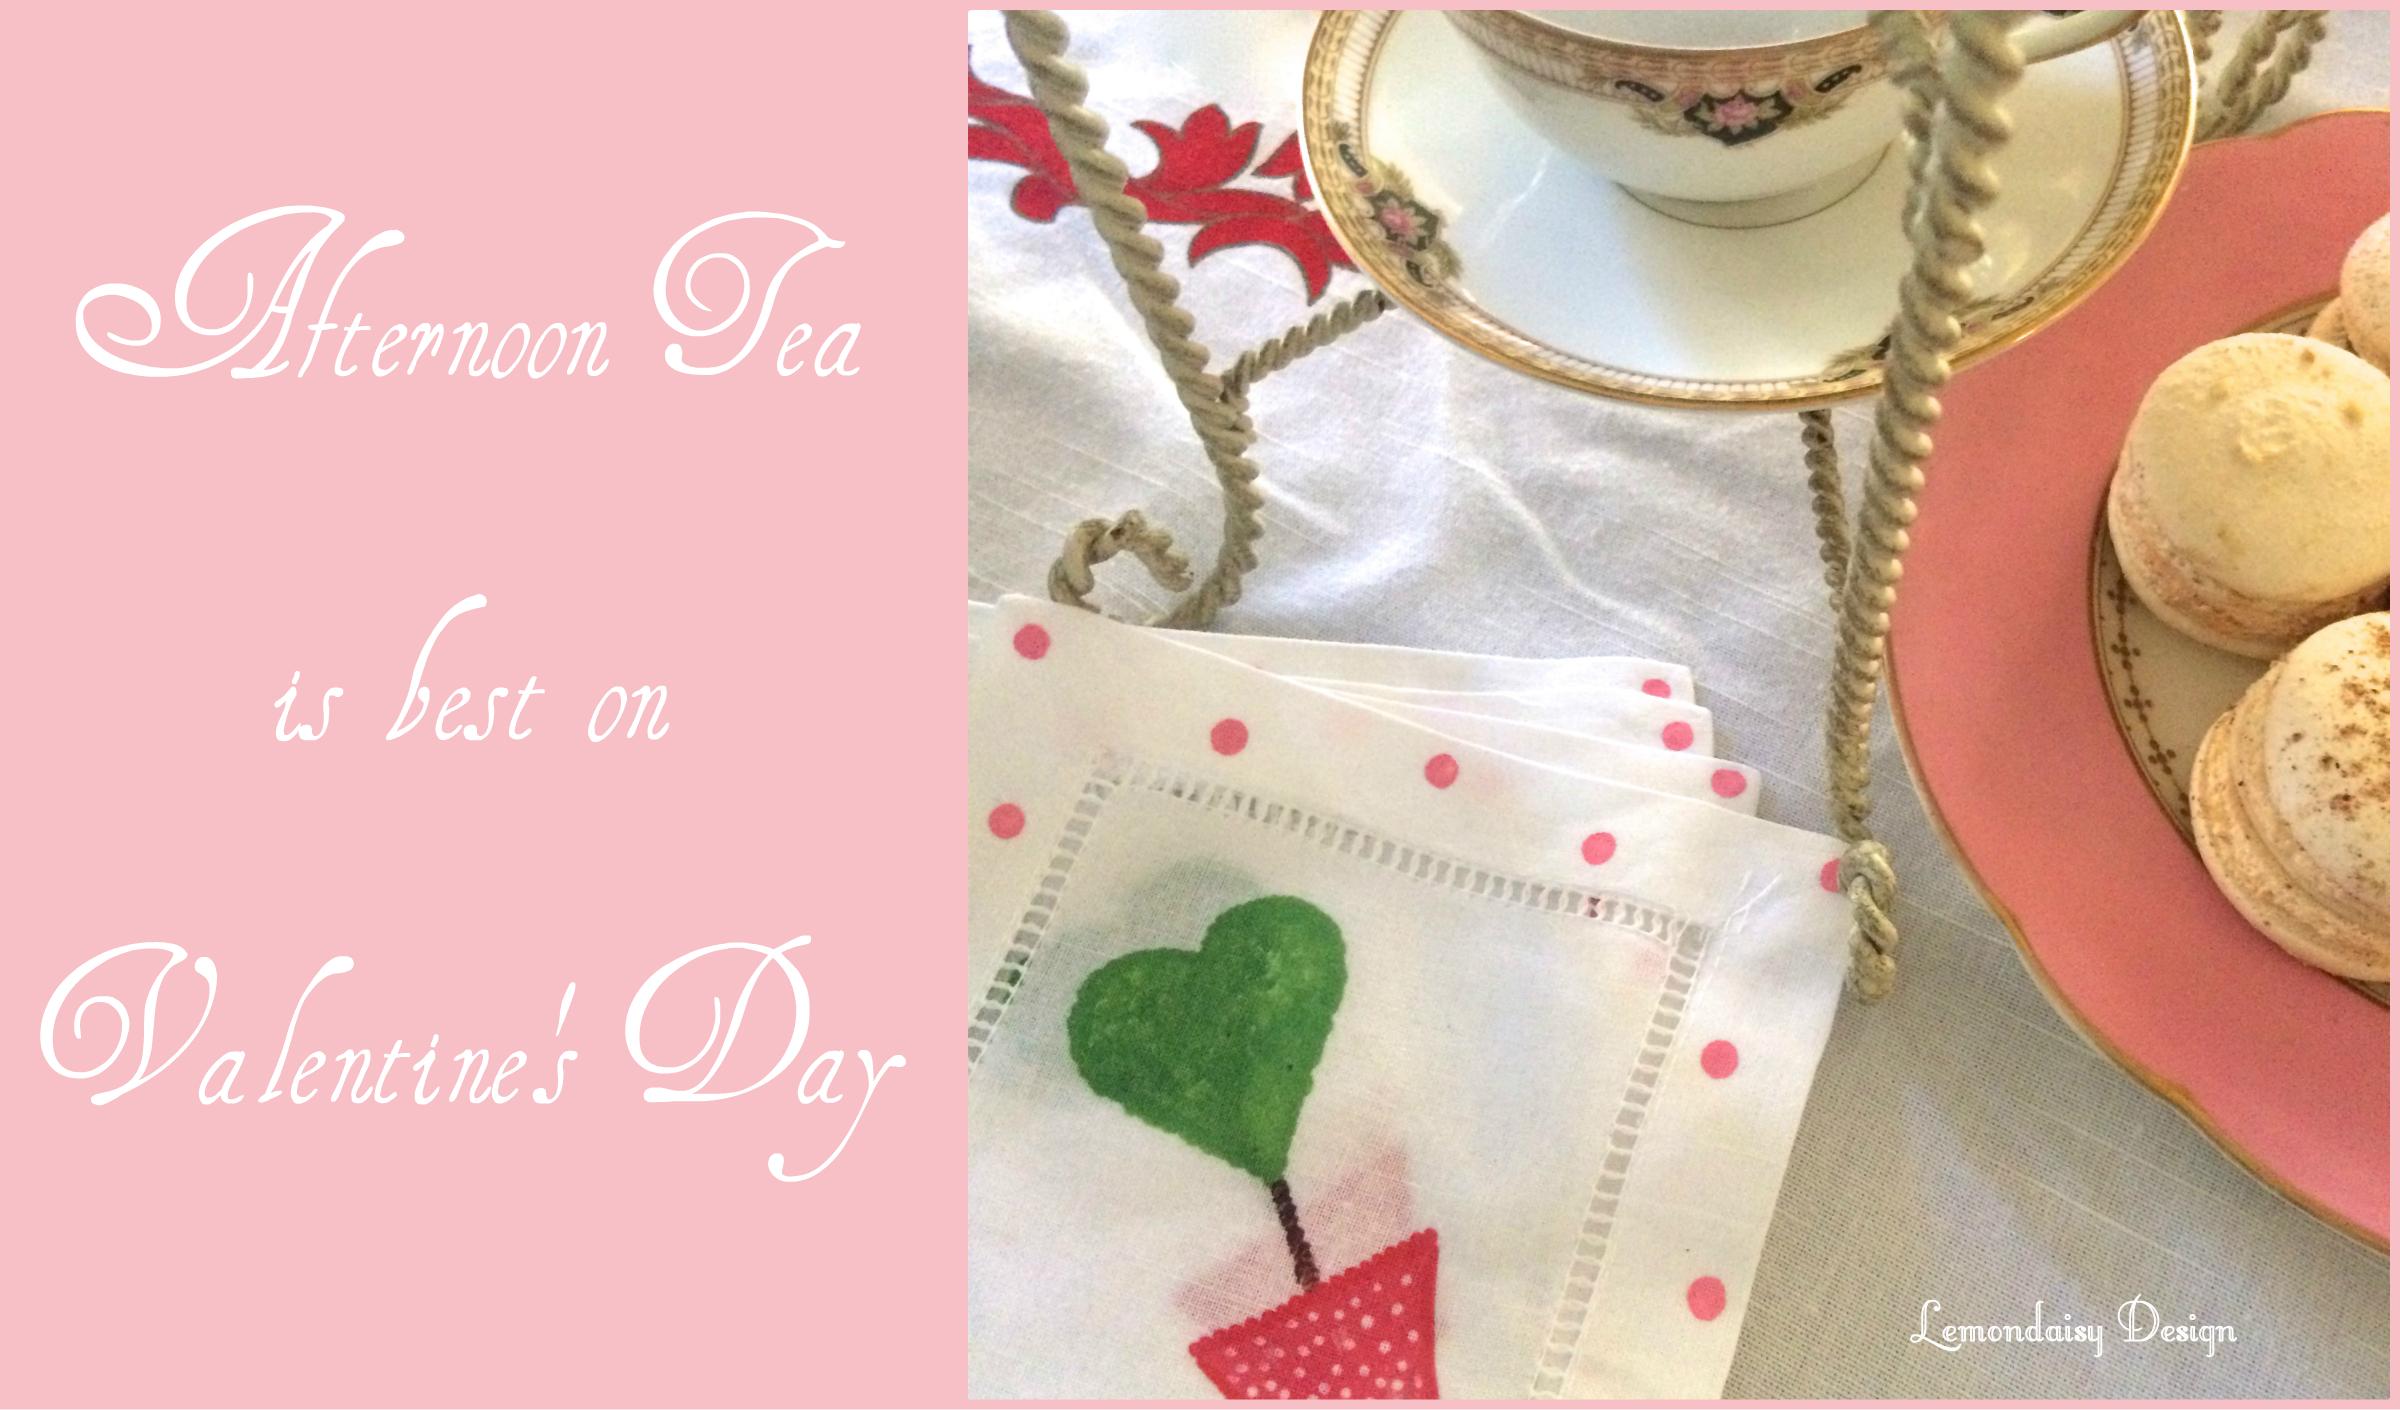 Afternoon Tea Valentine